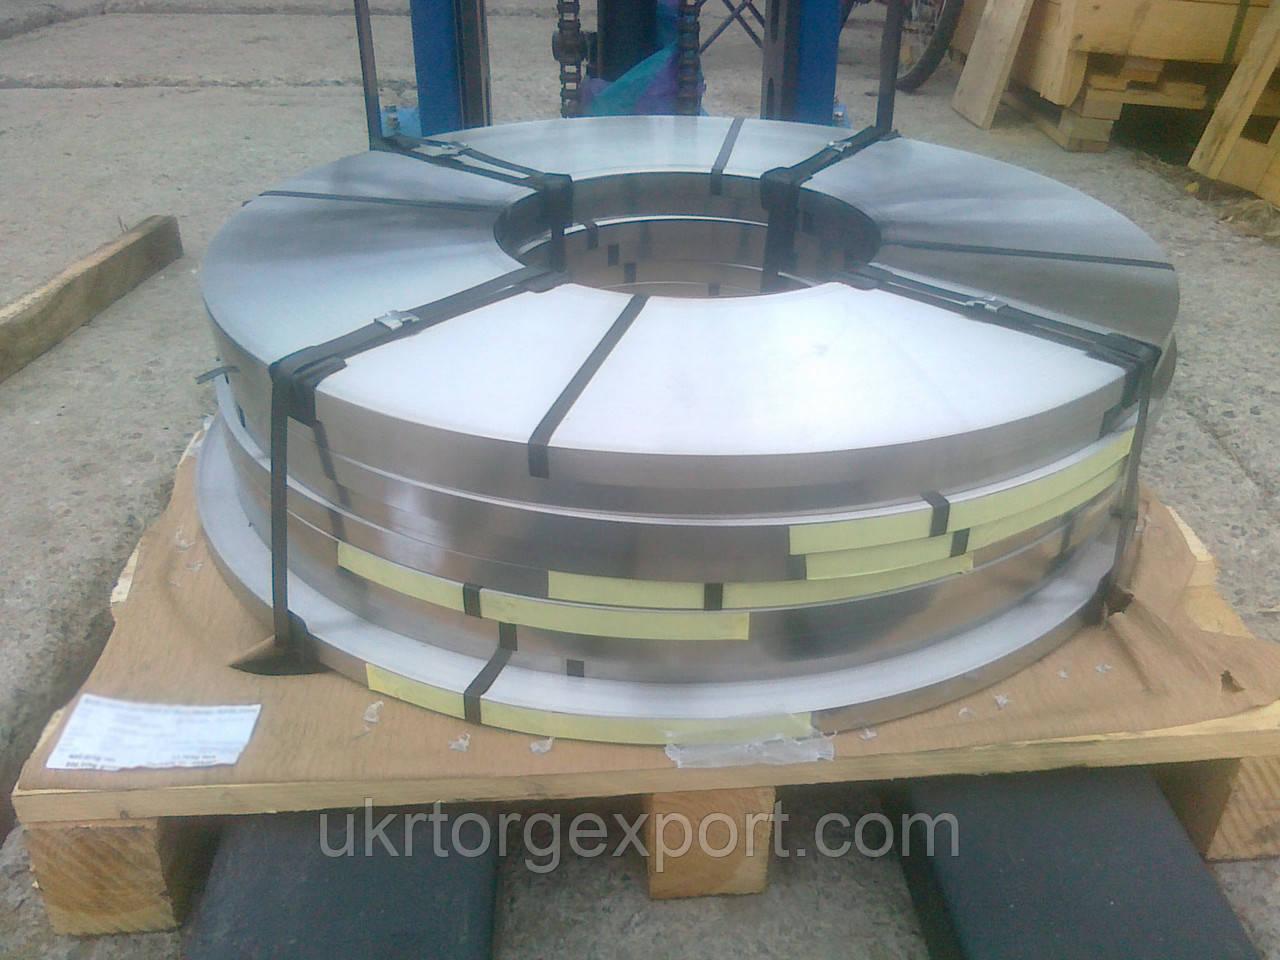 Нержавеющая  стальная лента 0,24мм*400мм материал: 1,4310 (AISI 301, 12Х18Н9 ) нагартованная (твёрдая)